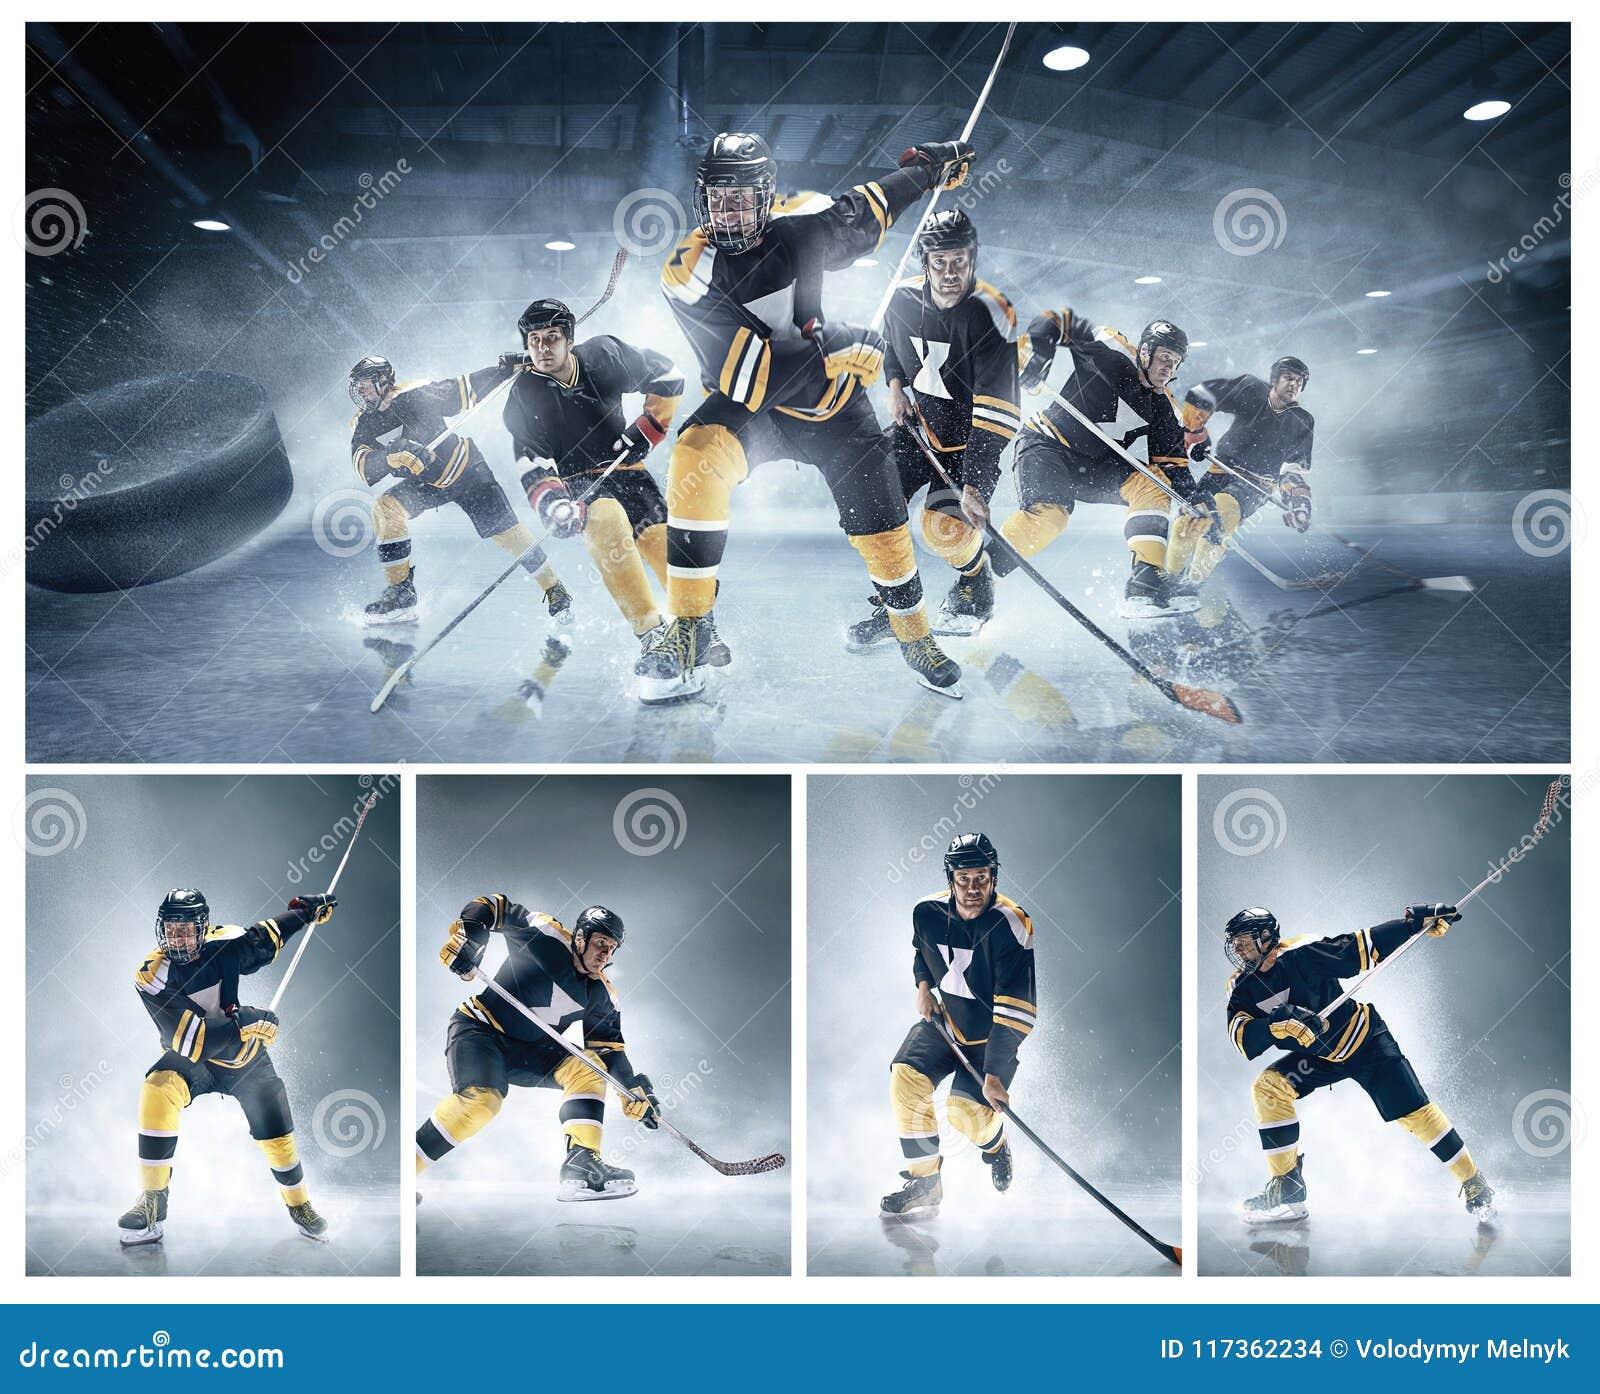 Colagem sobre jogadores de hóquei em gelo na ação